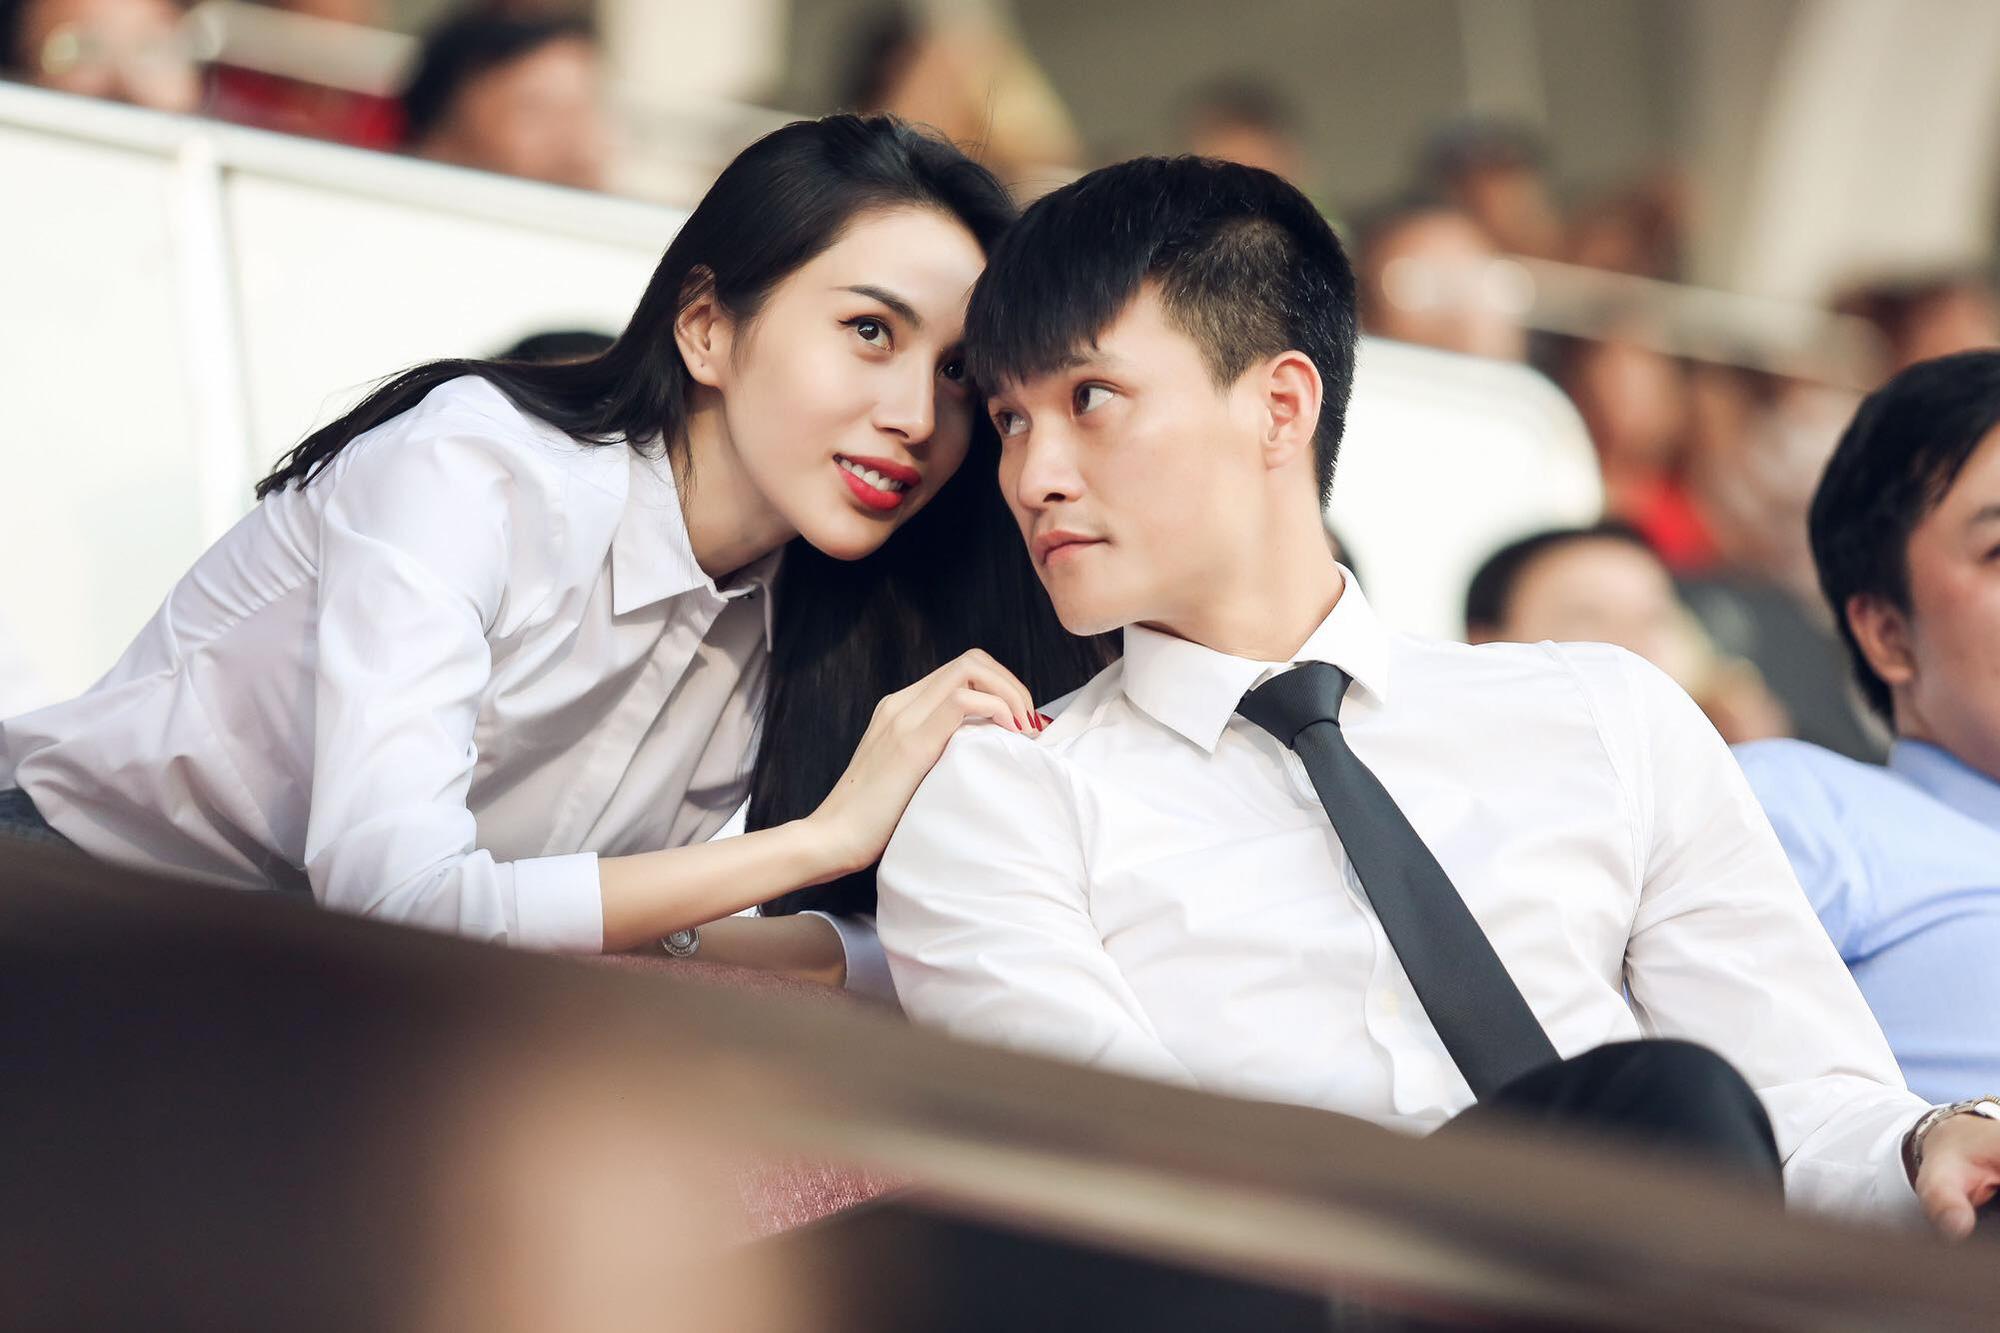 Cuộc hôn nhân đáng ngưỡng mộ của Thủy Tiên - Công Vinh.